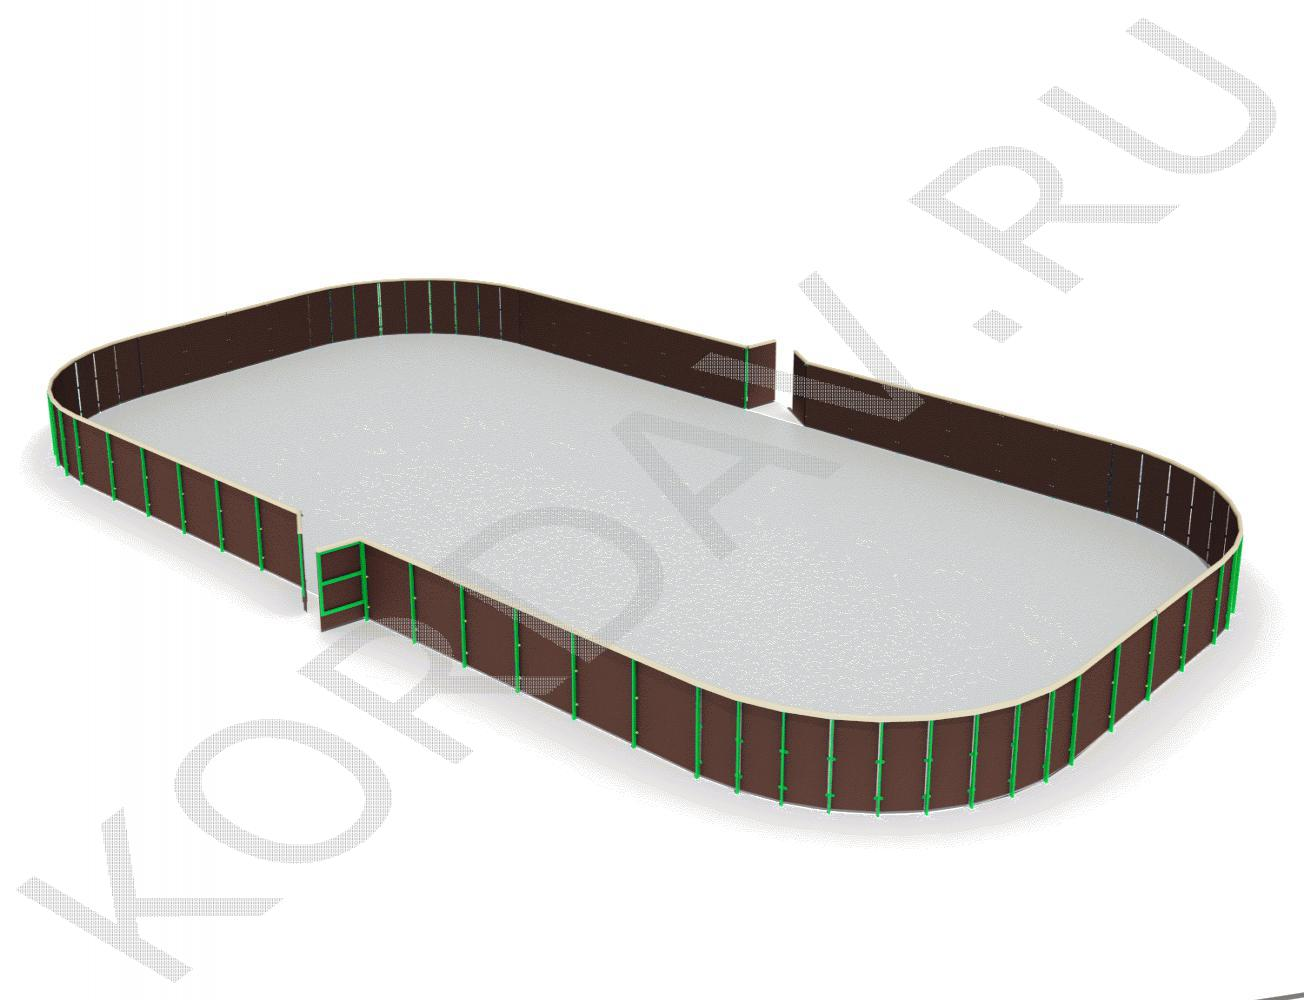 Каток - хоккейная коробка из фанеры с обычными бортами СИ 6.296